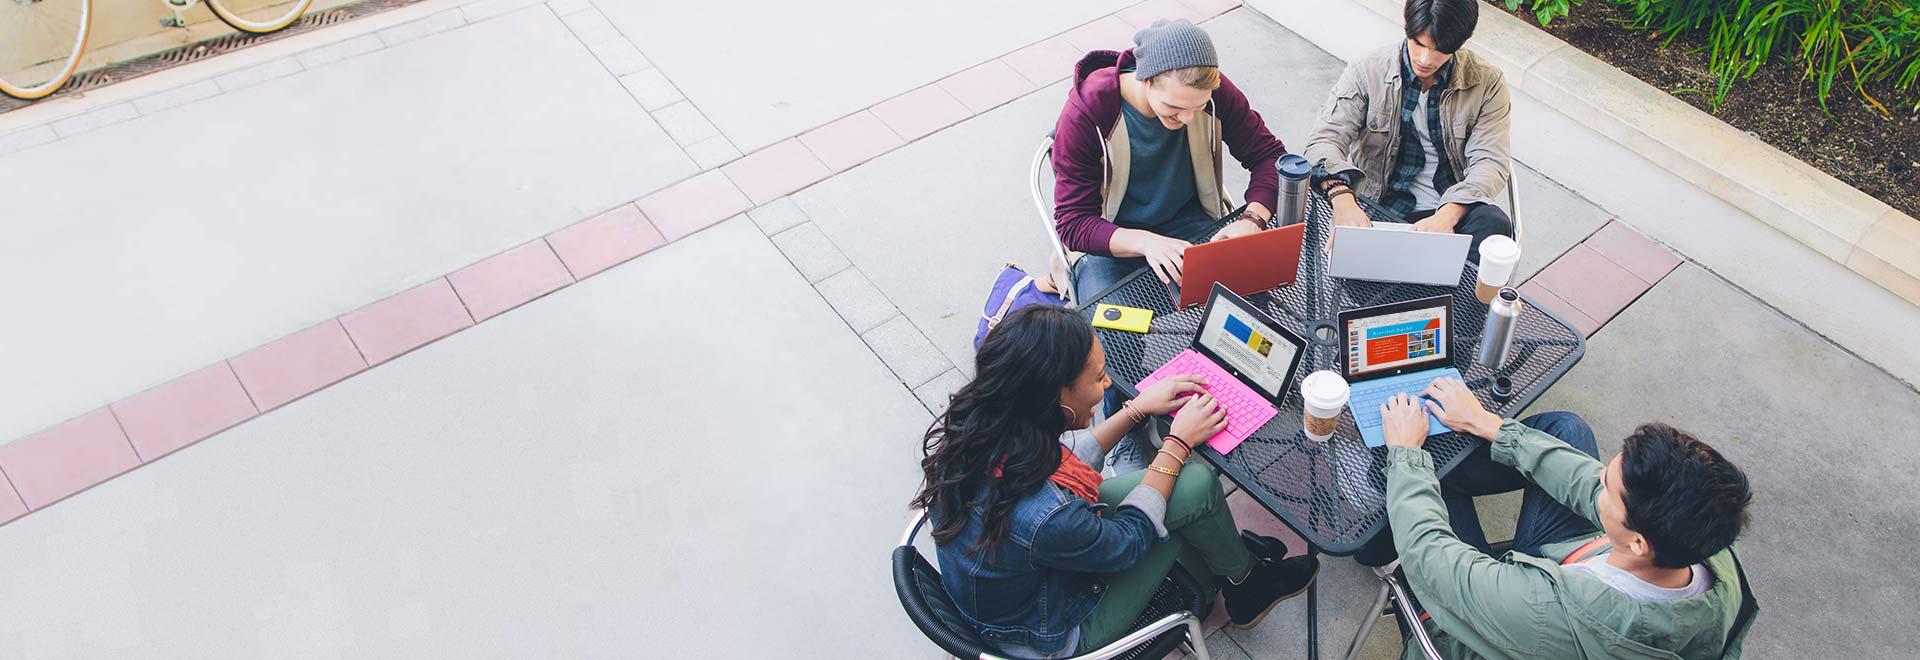 """Keturi lauke prie stalo sėdintys studentai, naudojantys """"Office 365"""" švietimo įstaigoms planšetiniuose kompiuteriuose."""